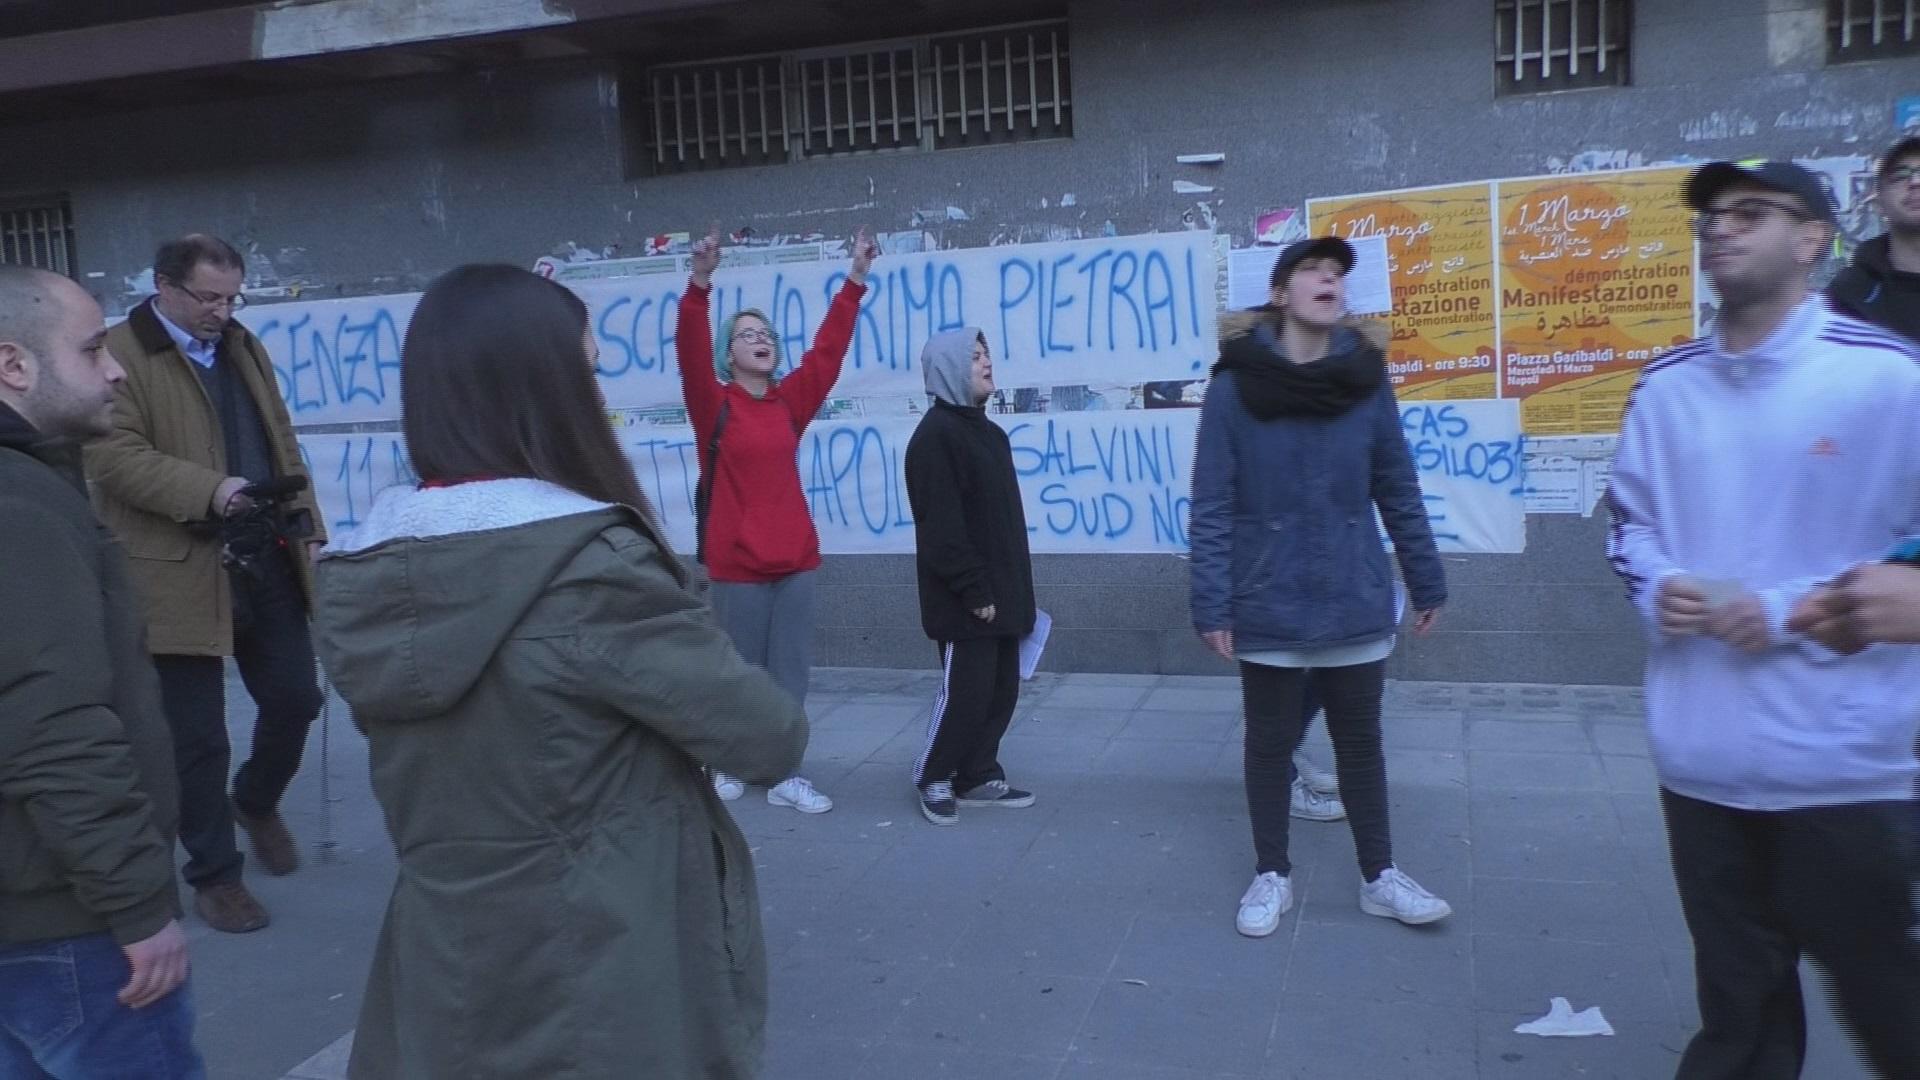 Benevento| L@P: prostituzione e Salvini, direzione ostinata e contraria